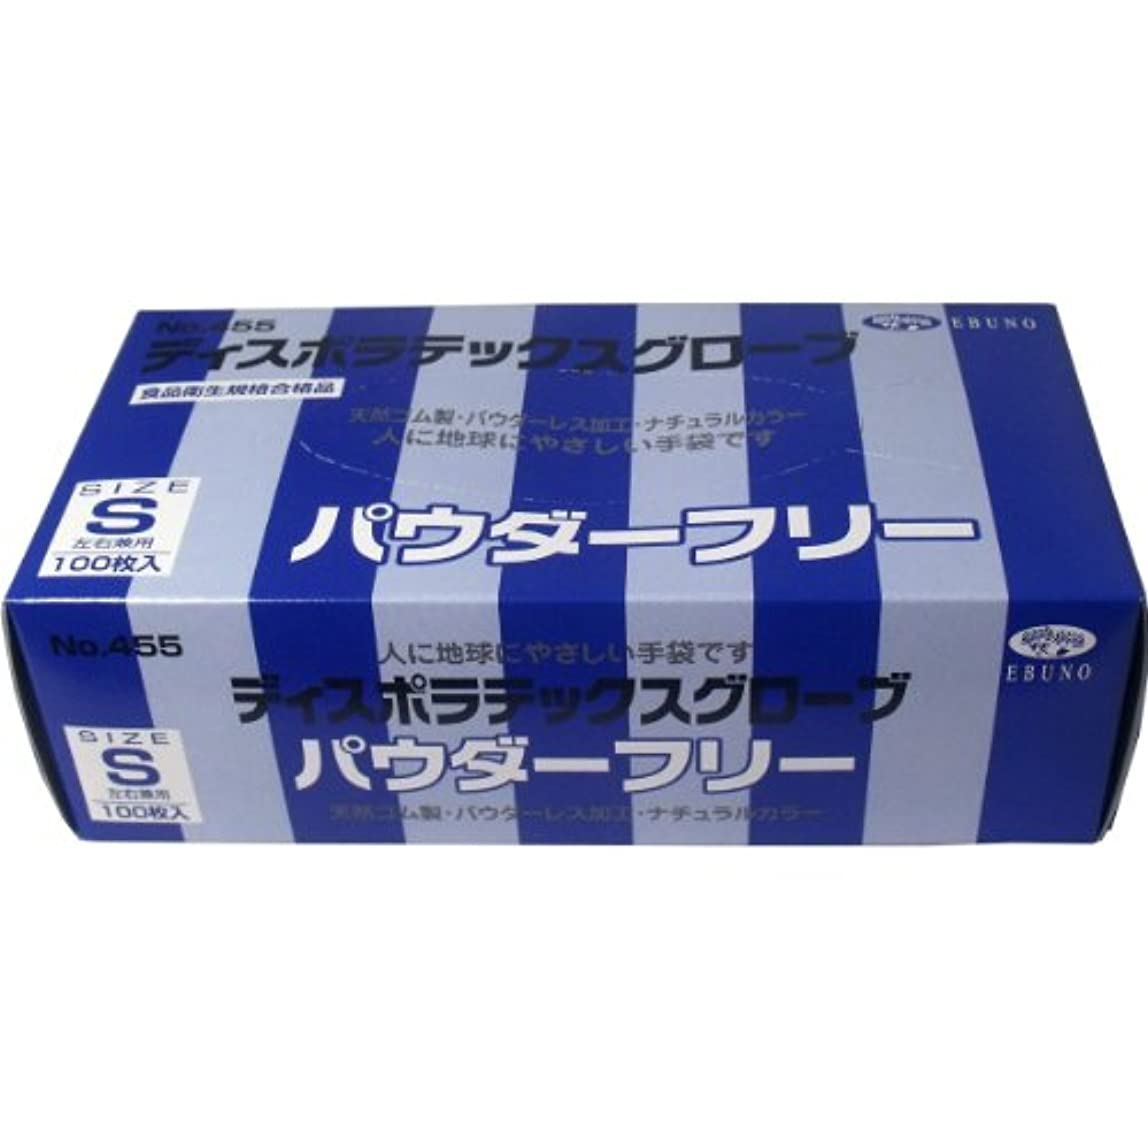 献身組み込む眼ディスポ ラテックスグローブ(天然ゴム手袋) パウダーフリー Sサイズ 100枚入×2個セット